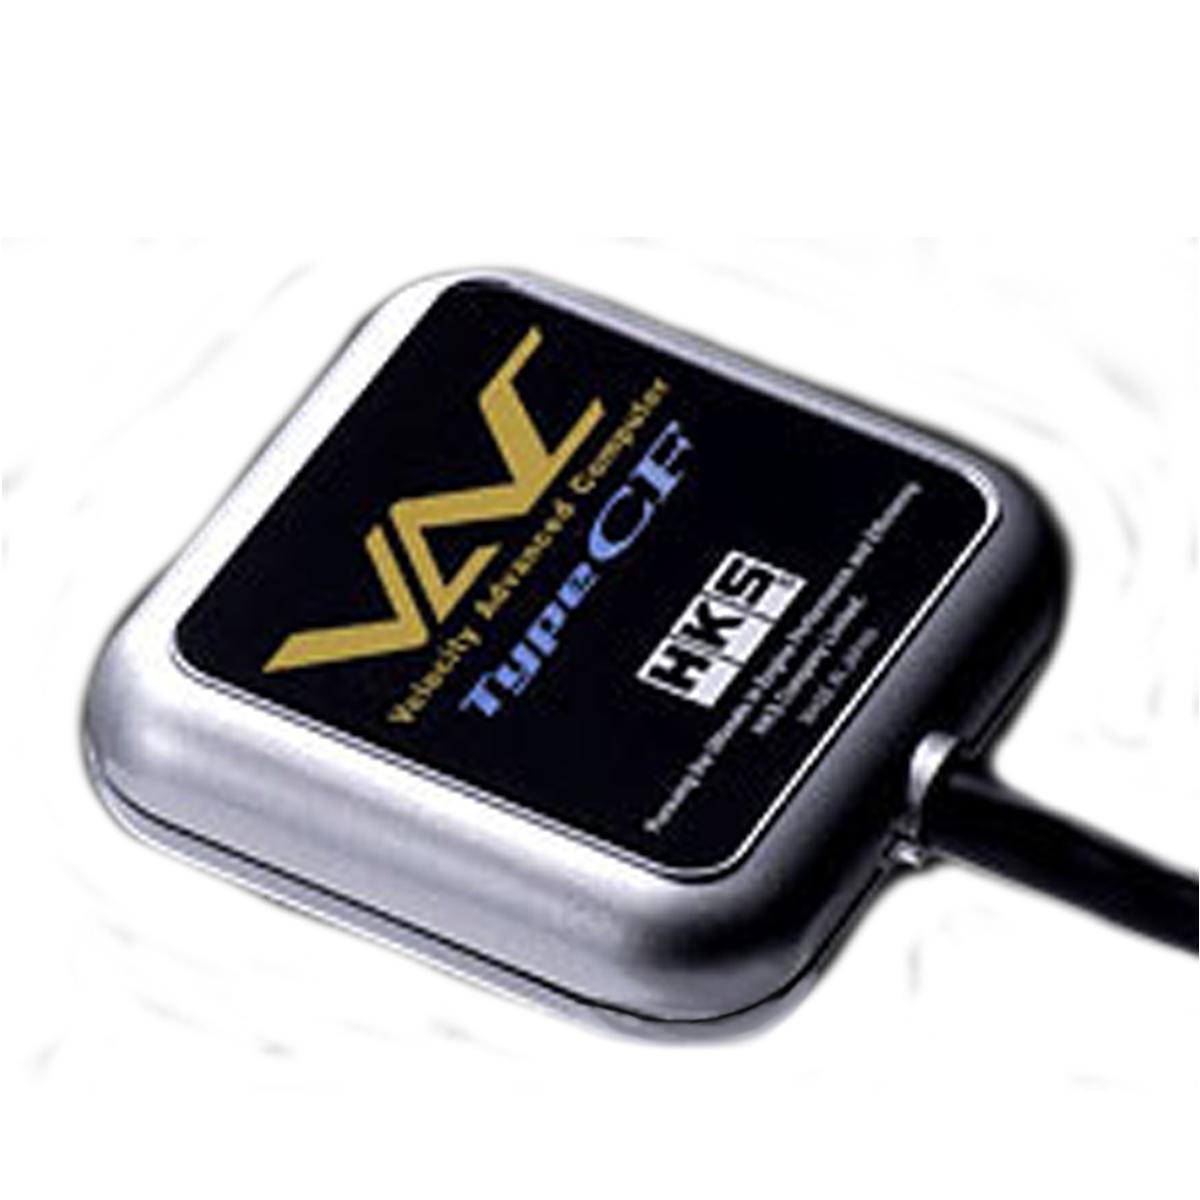 汎用 スピードリミッターカット VAC ヴェロシティー アドバンスド コンピューター HKS 45002-AF003 エレクトリニクス 個人宅発送追金有